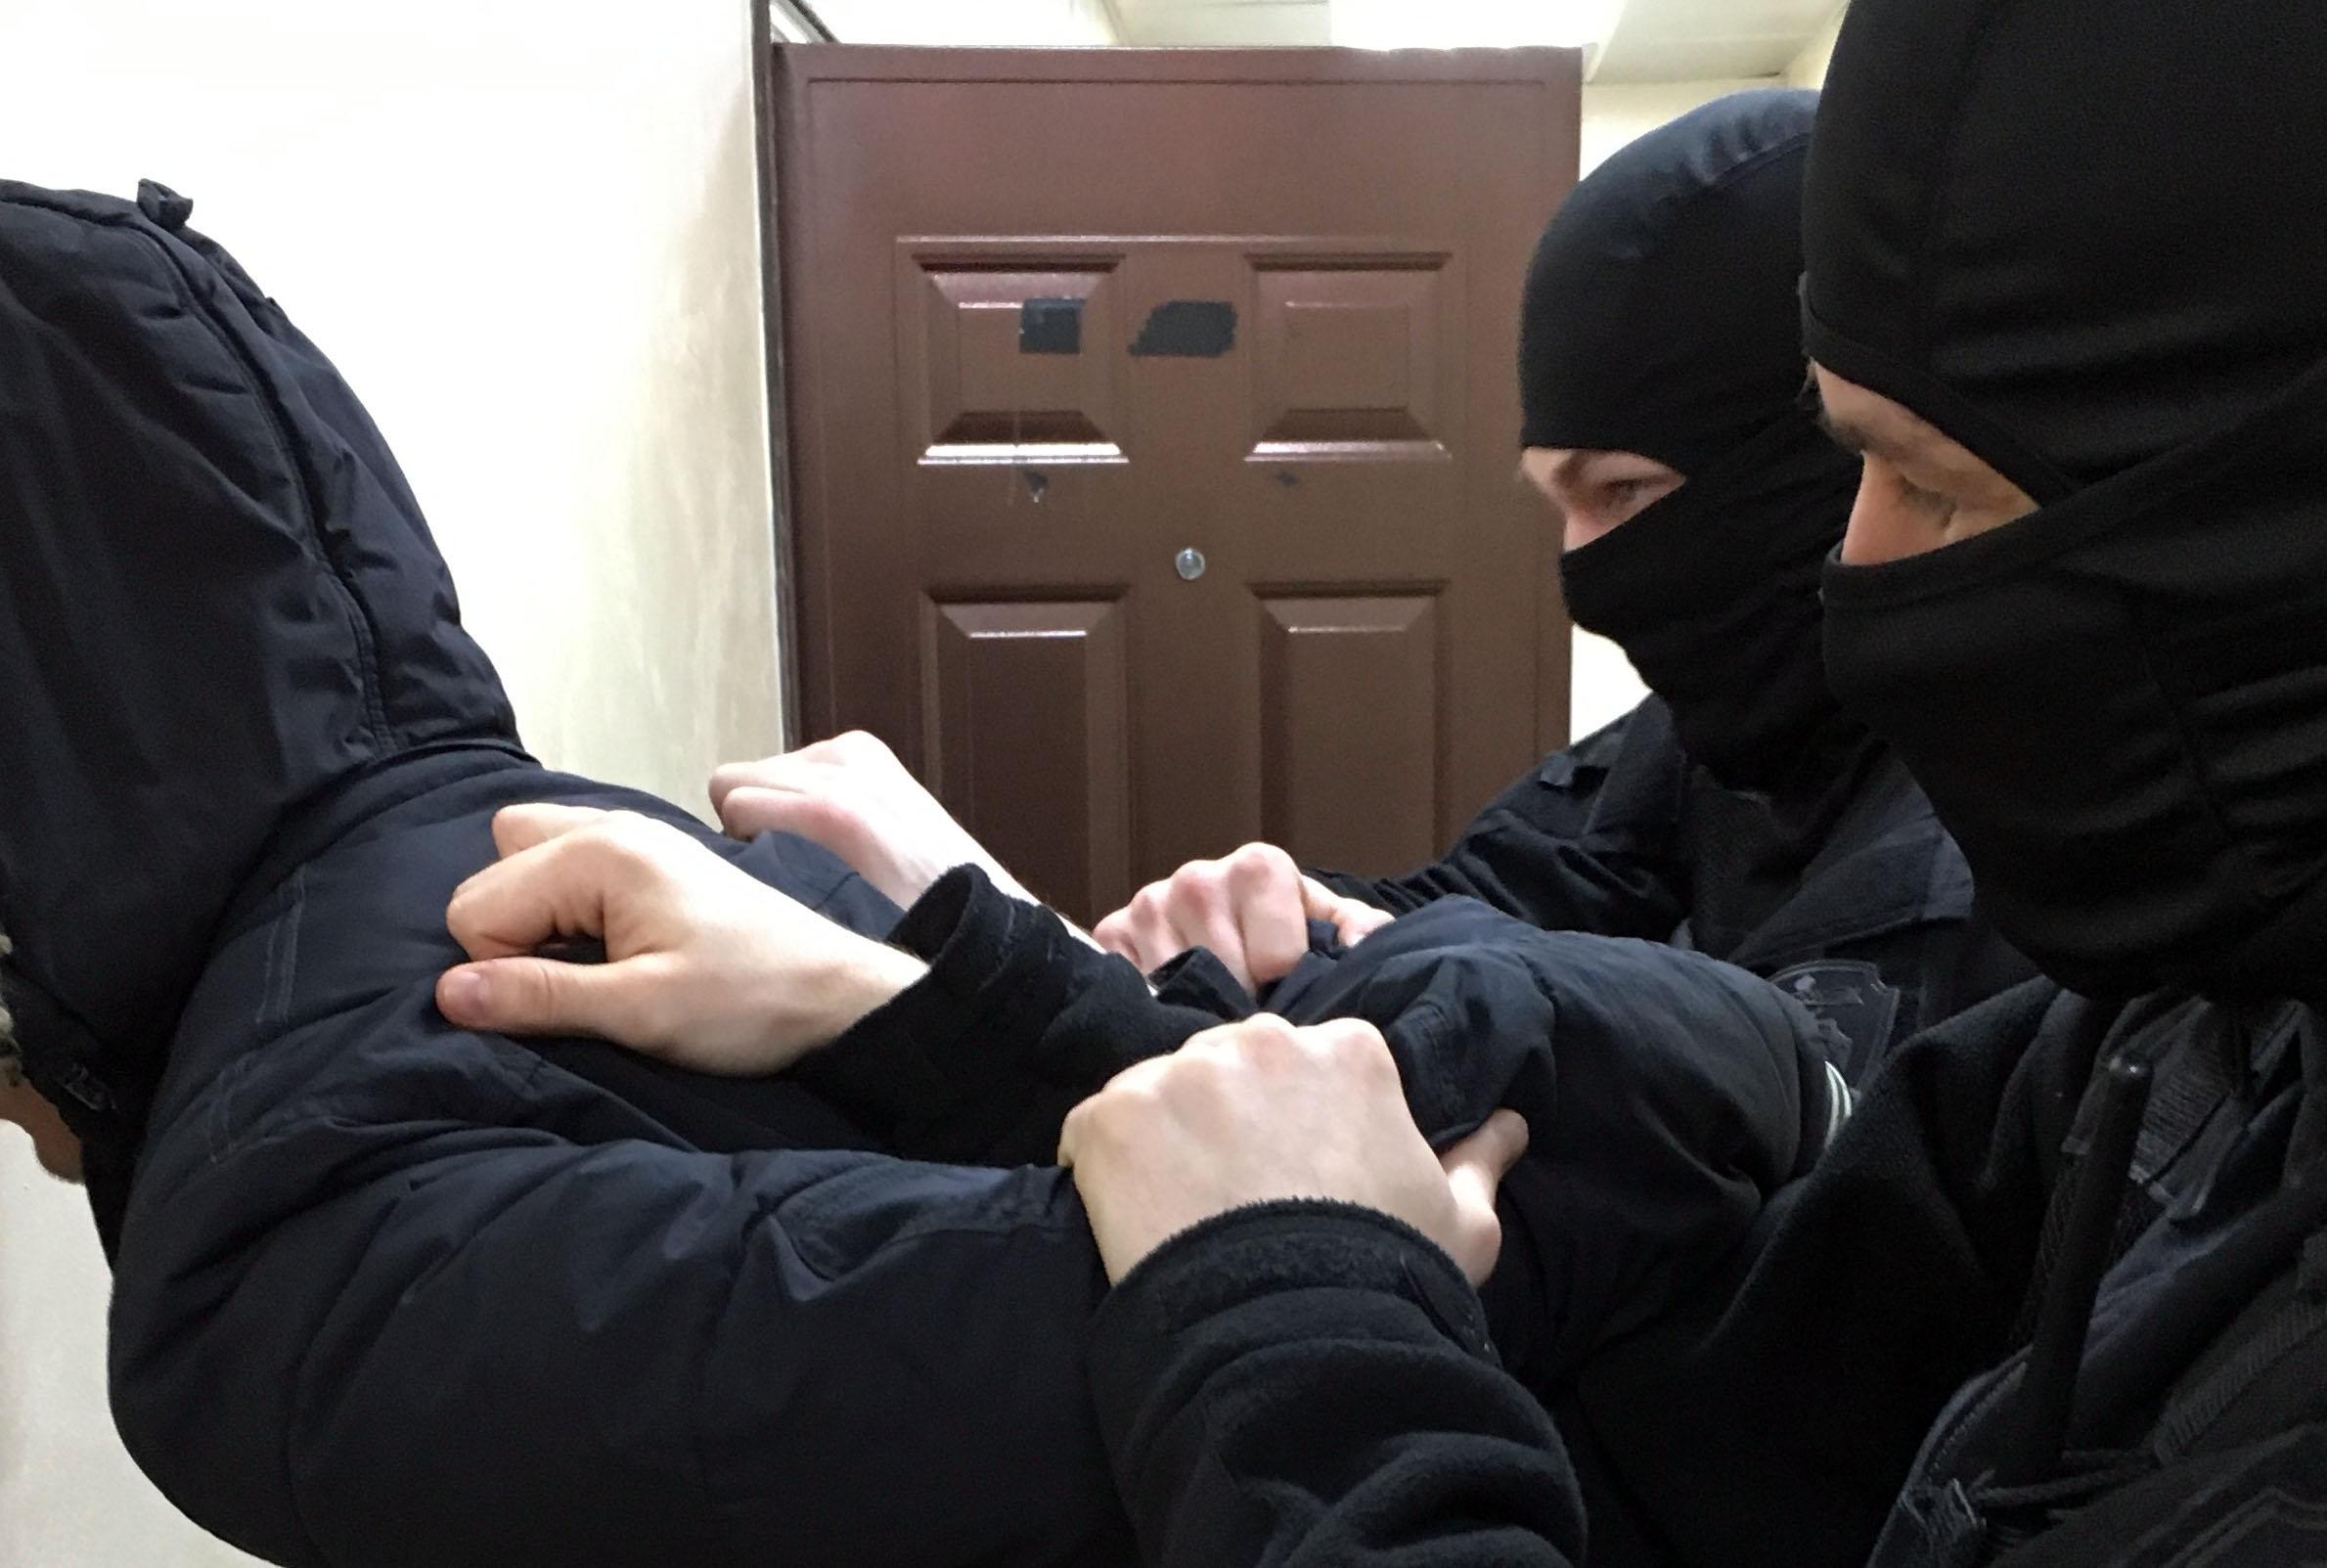 Житель Челябинска заказал из Голландии амфетамин. Его задержали на почте в момент получения конве